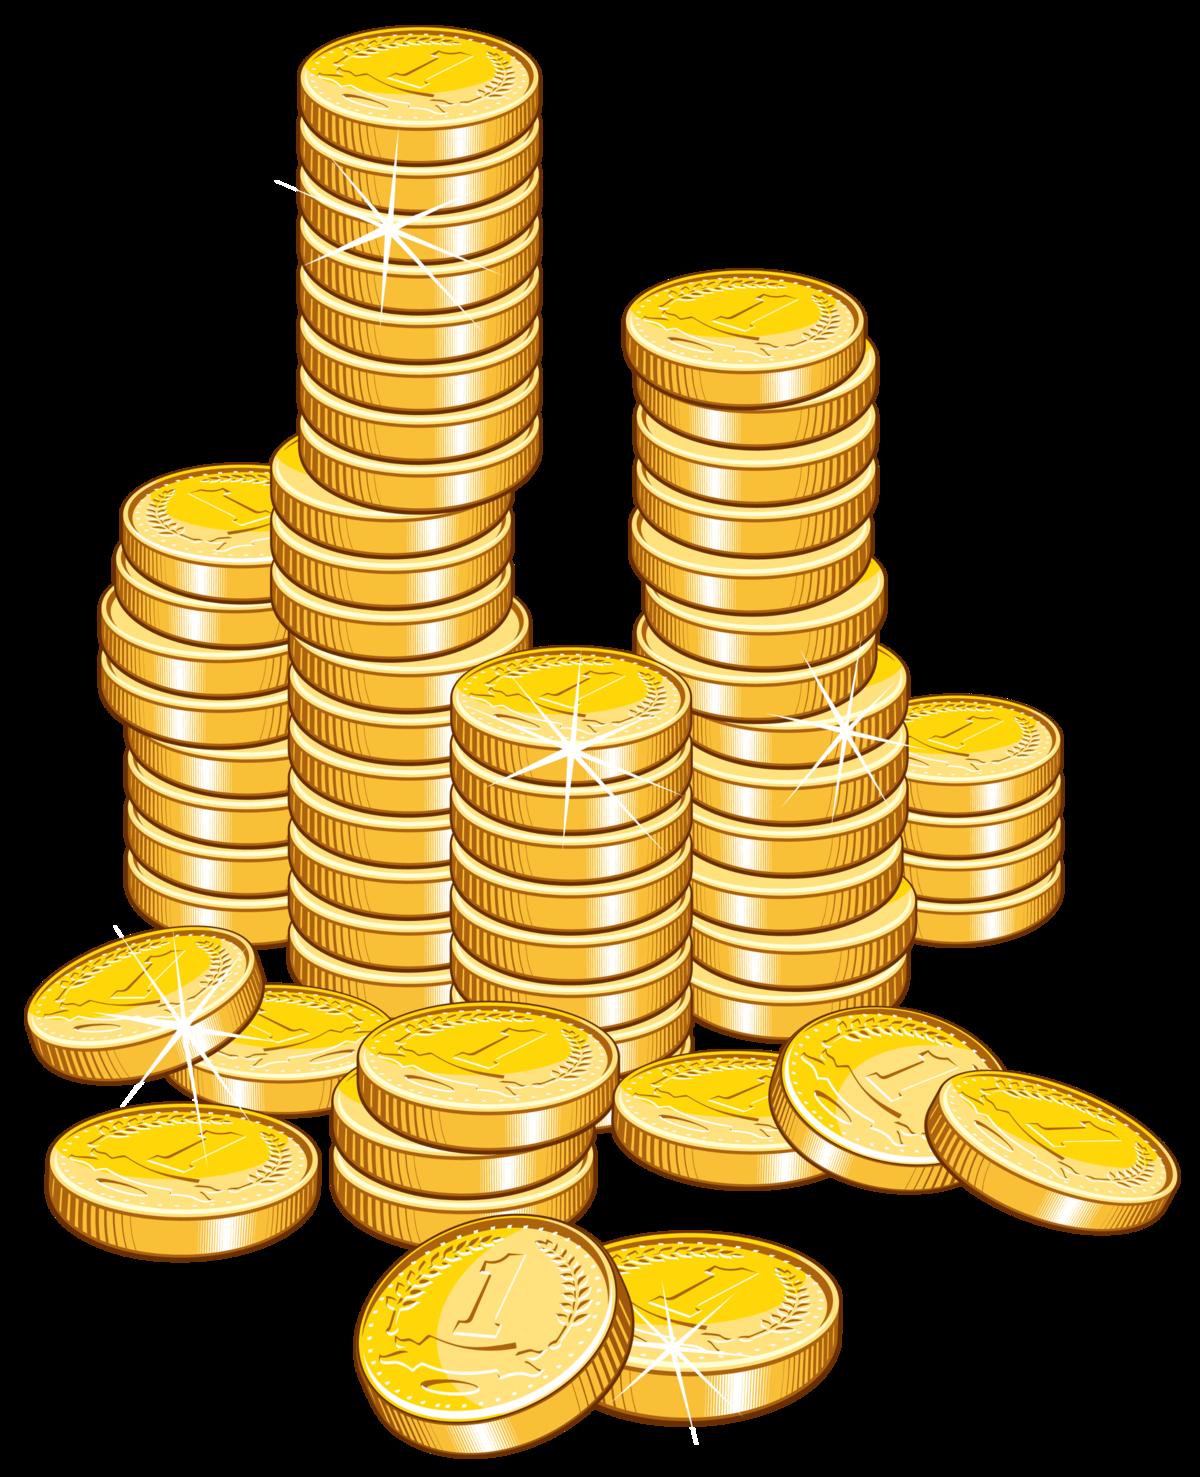 монеты в картинках архипов